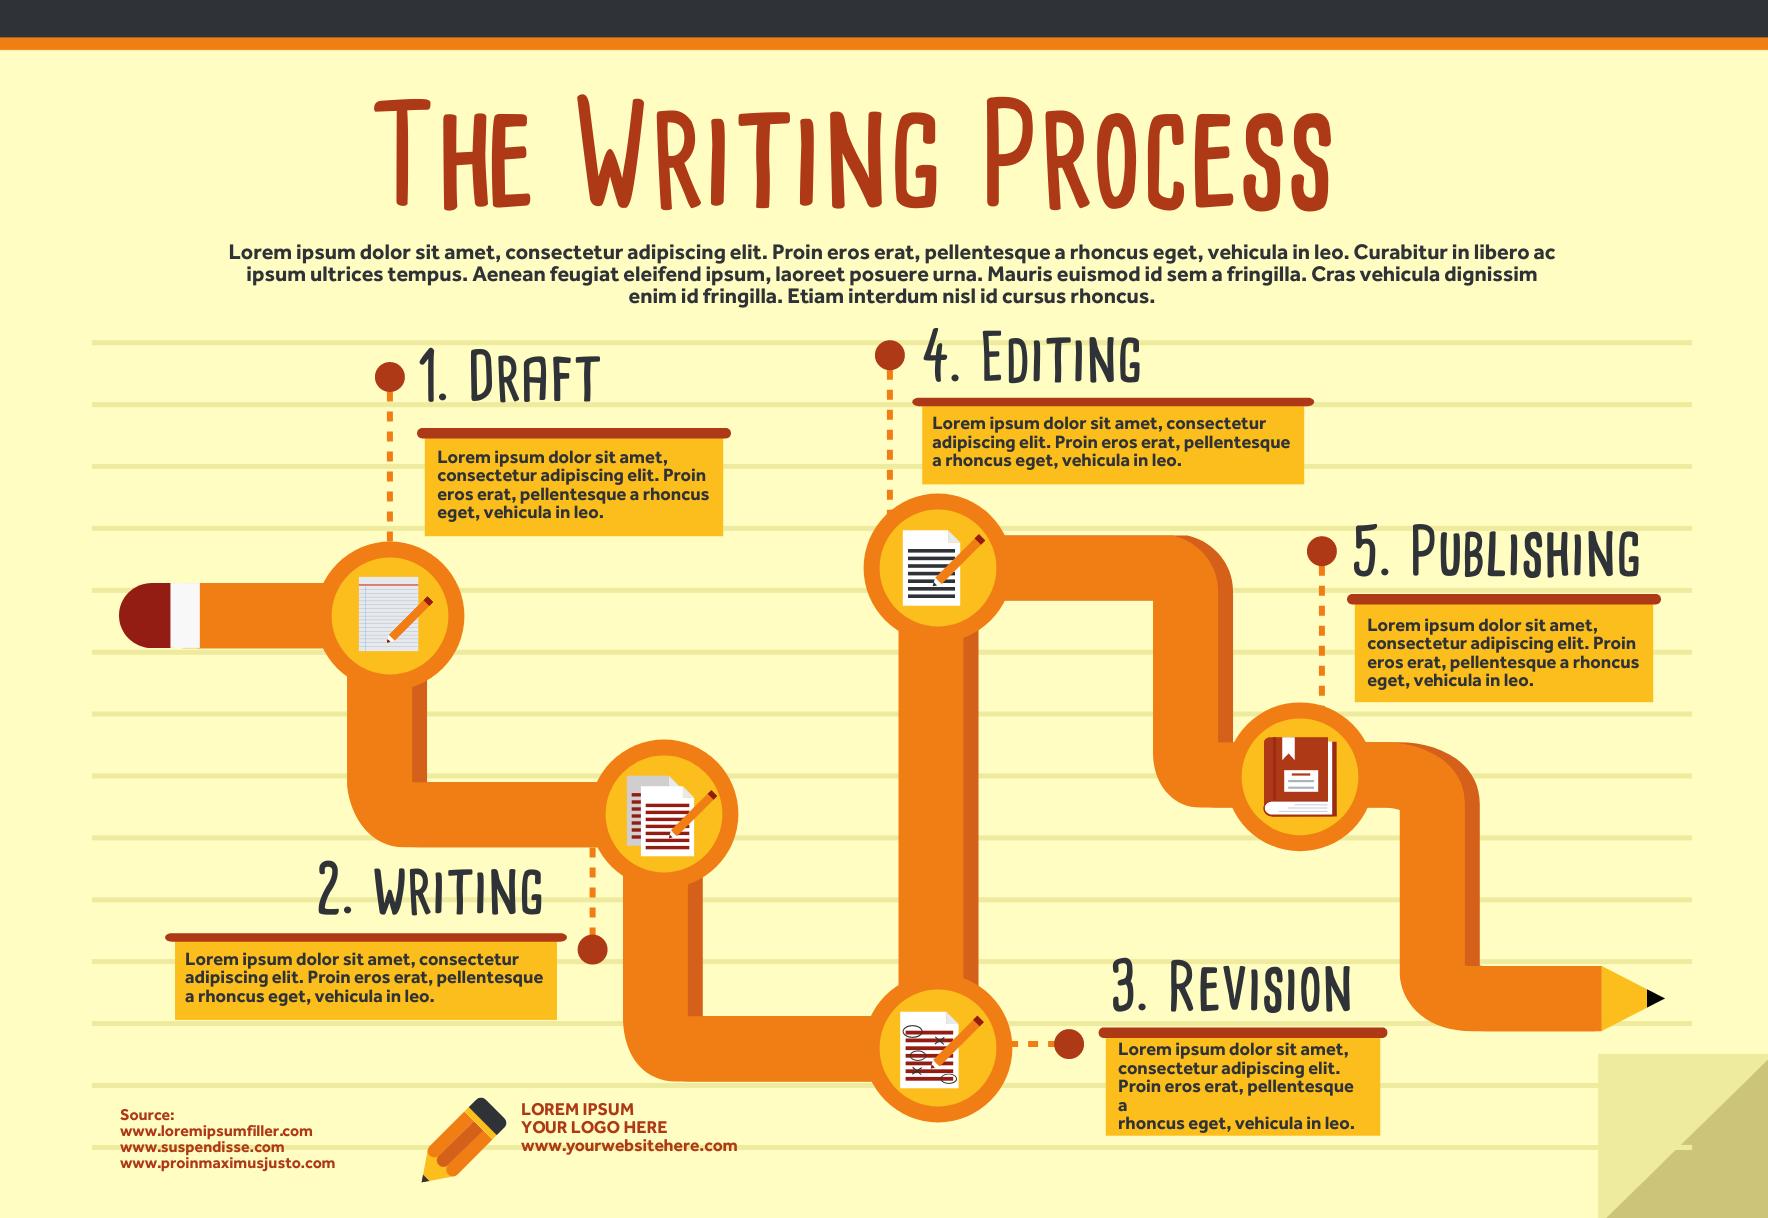 Writing process infographic template - Hva skal du se etter i et hotell?